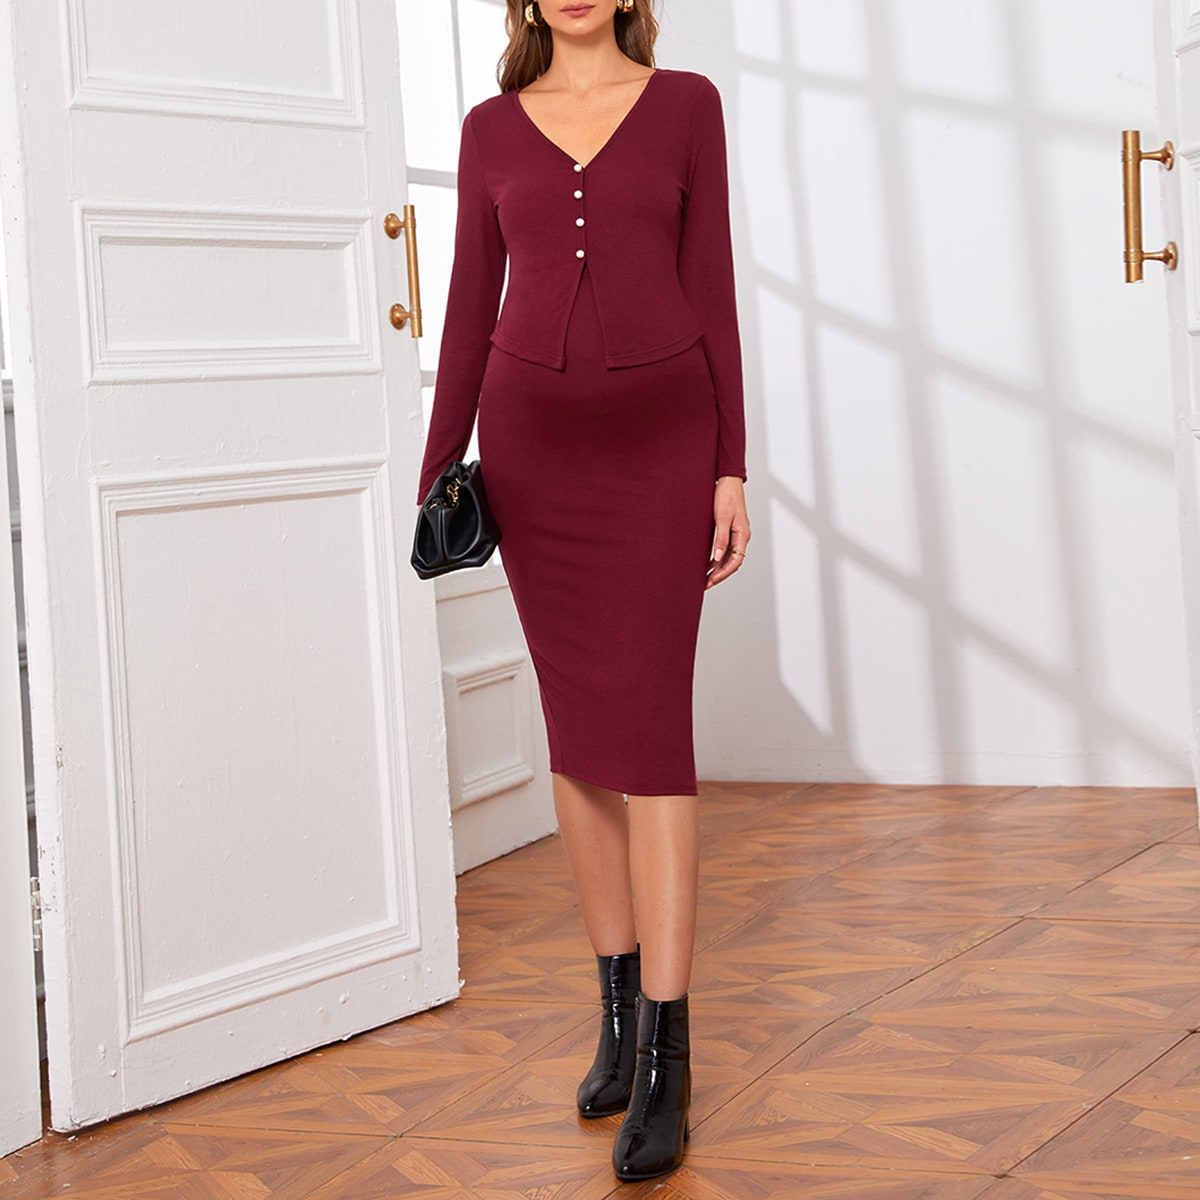 Spacco  ровный цвет элегантный комплекты для беременных